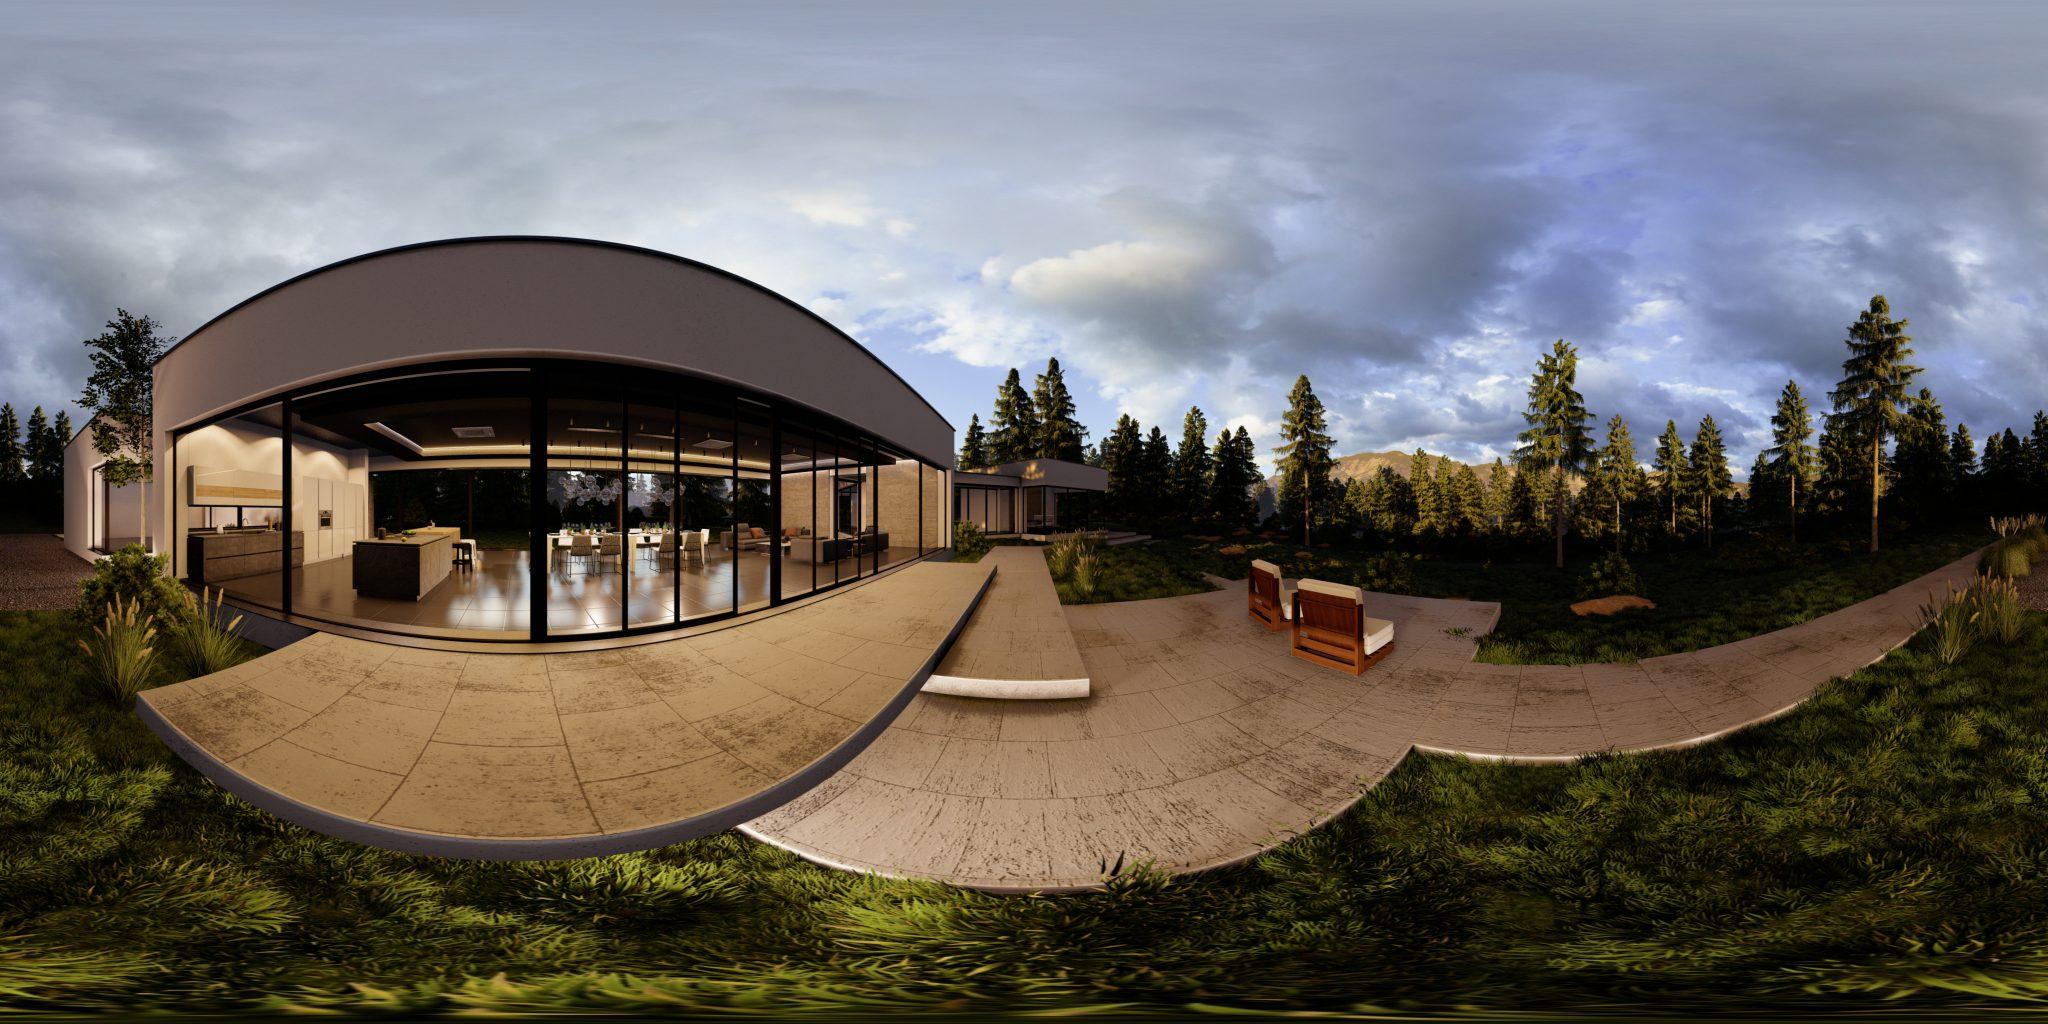 wizualizacja sferyczna budynku domu jednorodzinnego